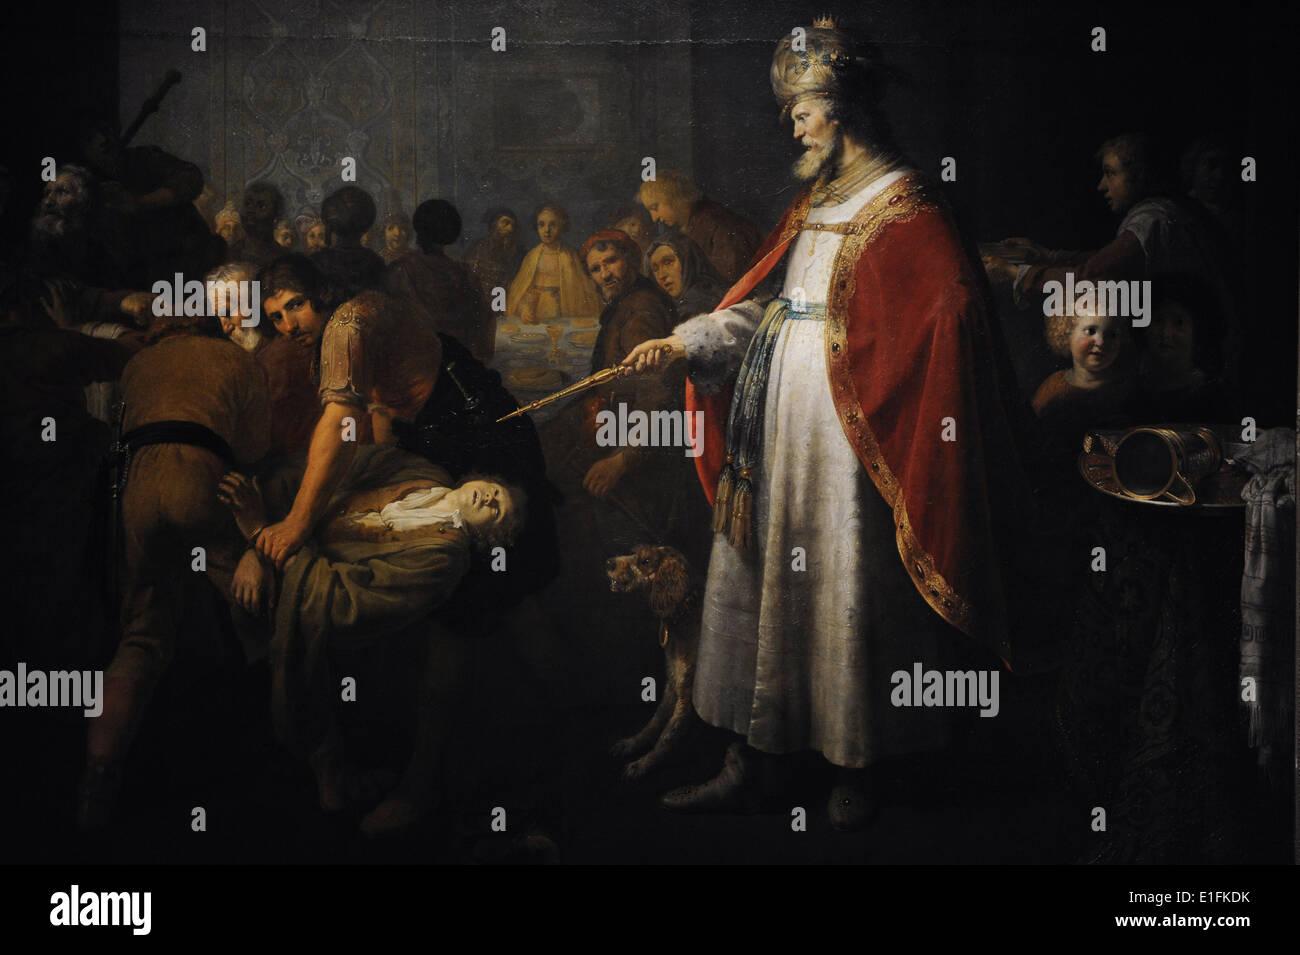 Dirck Dircksz van Santvoort (1610–1680). Dutch Golden Age painter. The parables of the wedding guests, 1640. - Stock Image